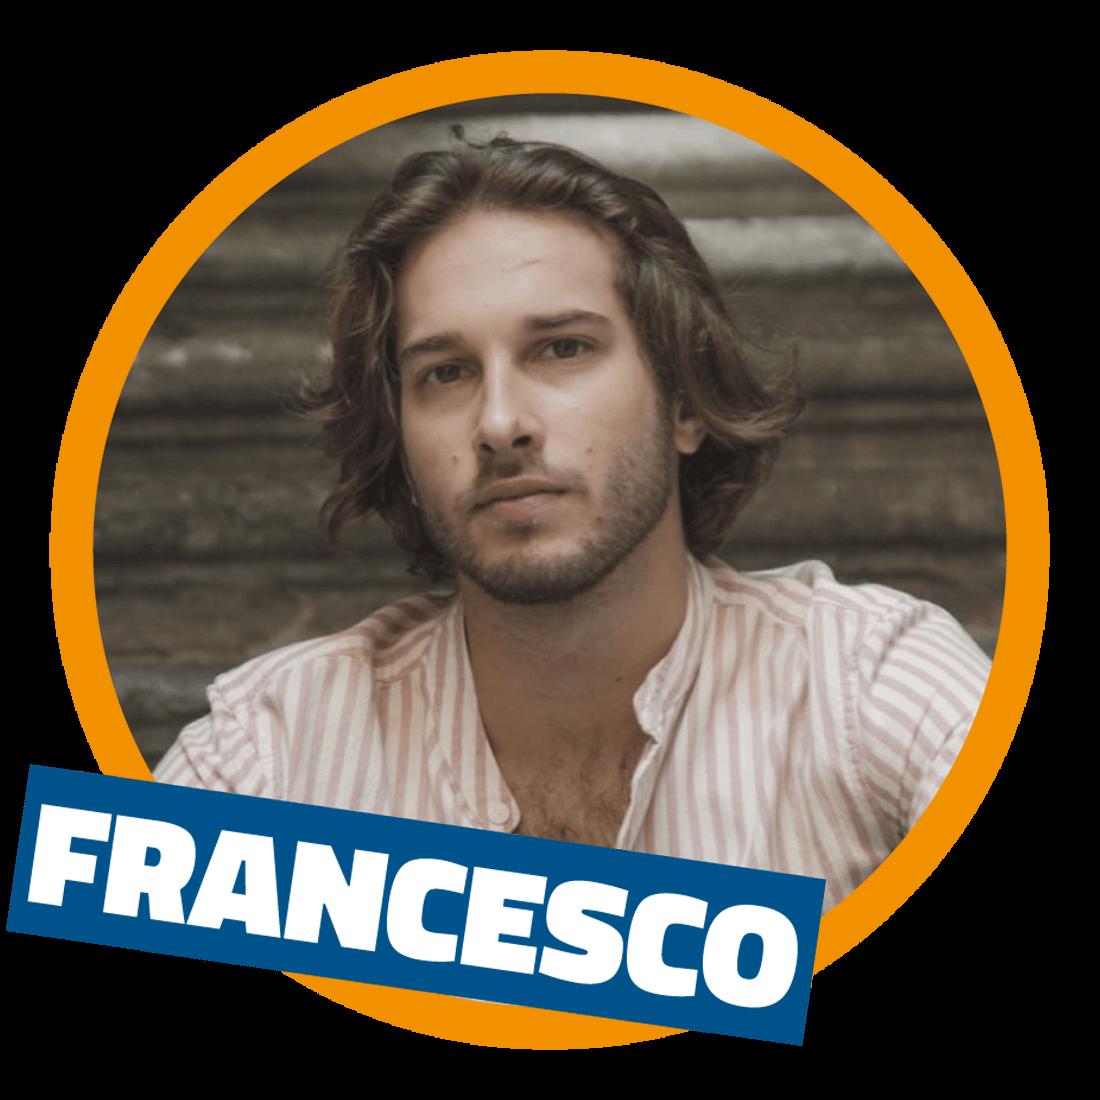 Icona ANG Francesco